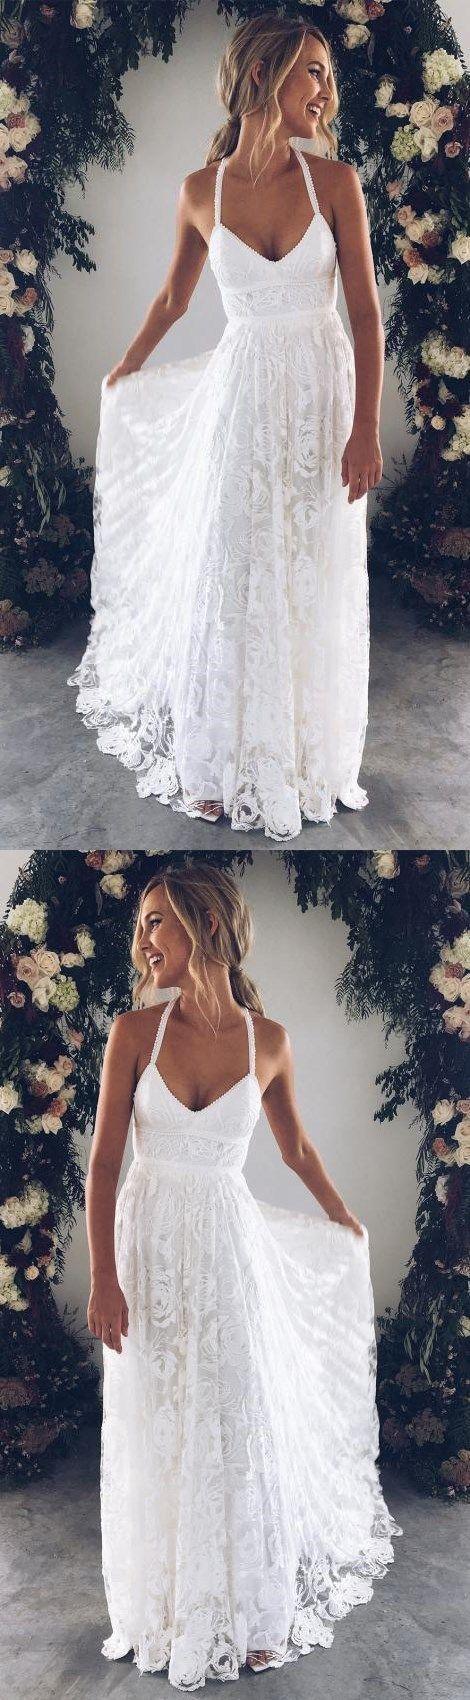 Weißes langes Kleid mit V-Ausschnitt, weißes Abendkleid